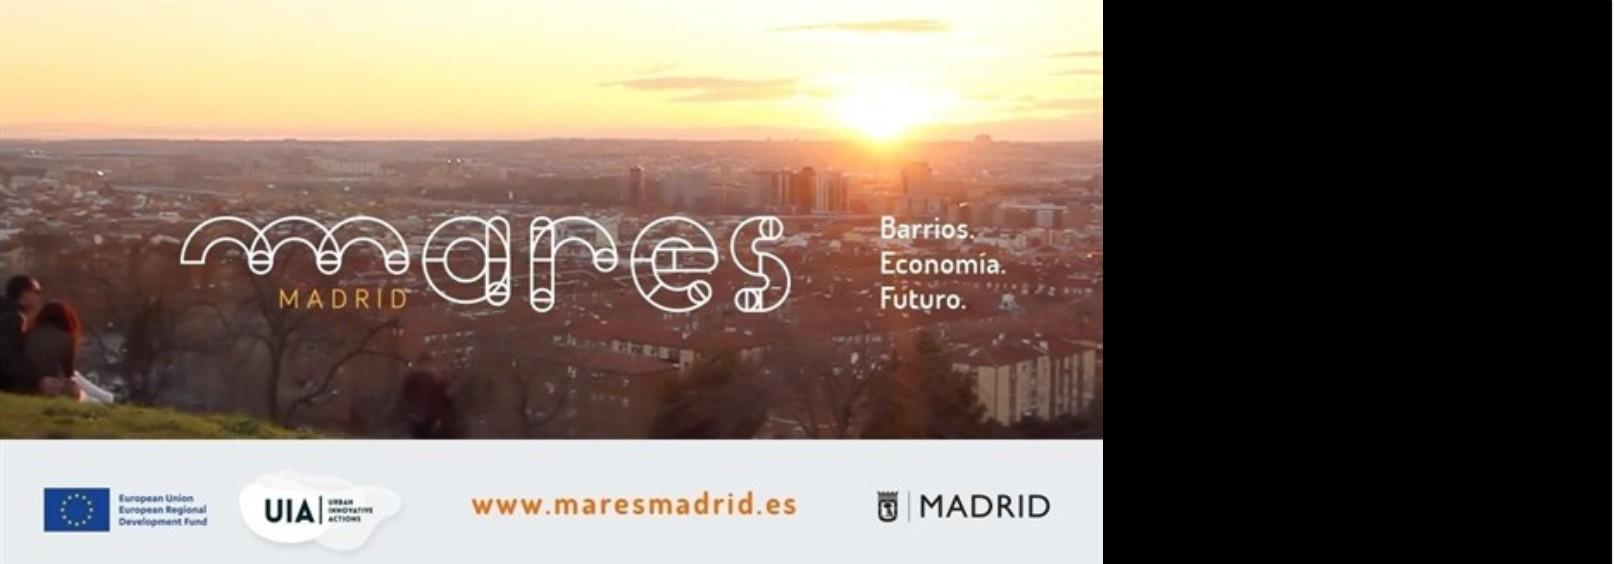 Cooperativa Garua   MARES Madrid.